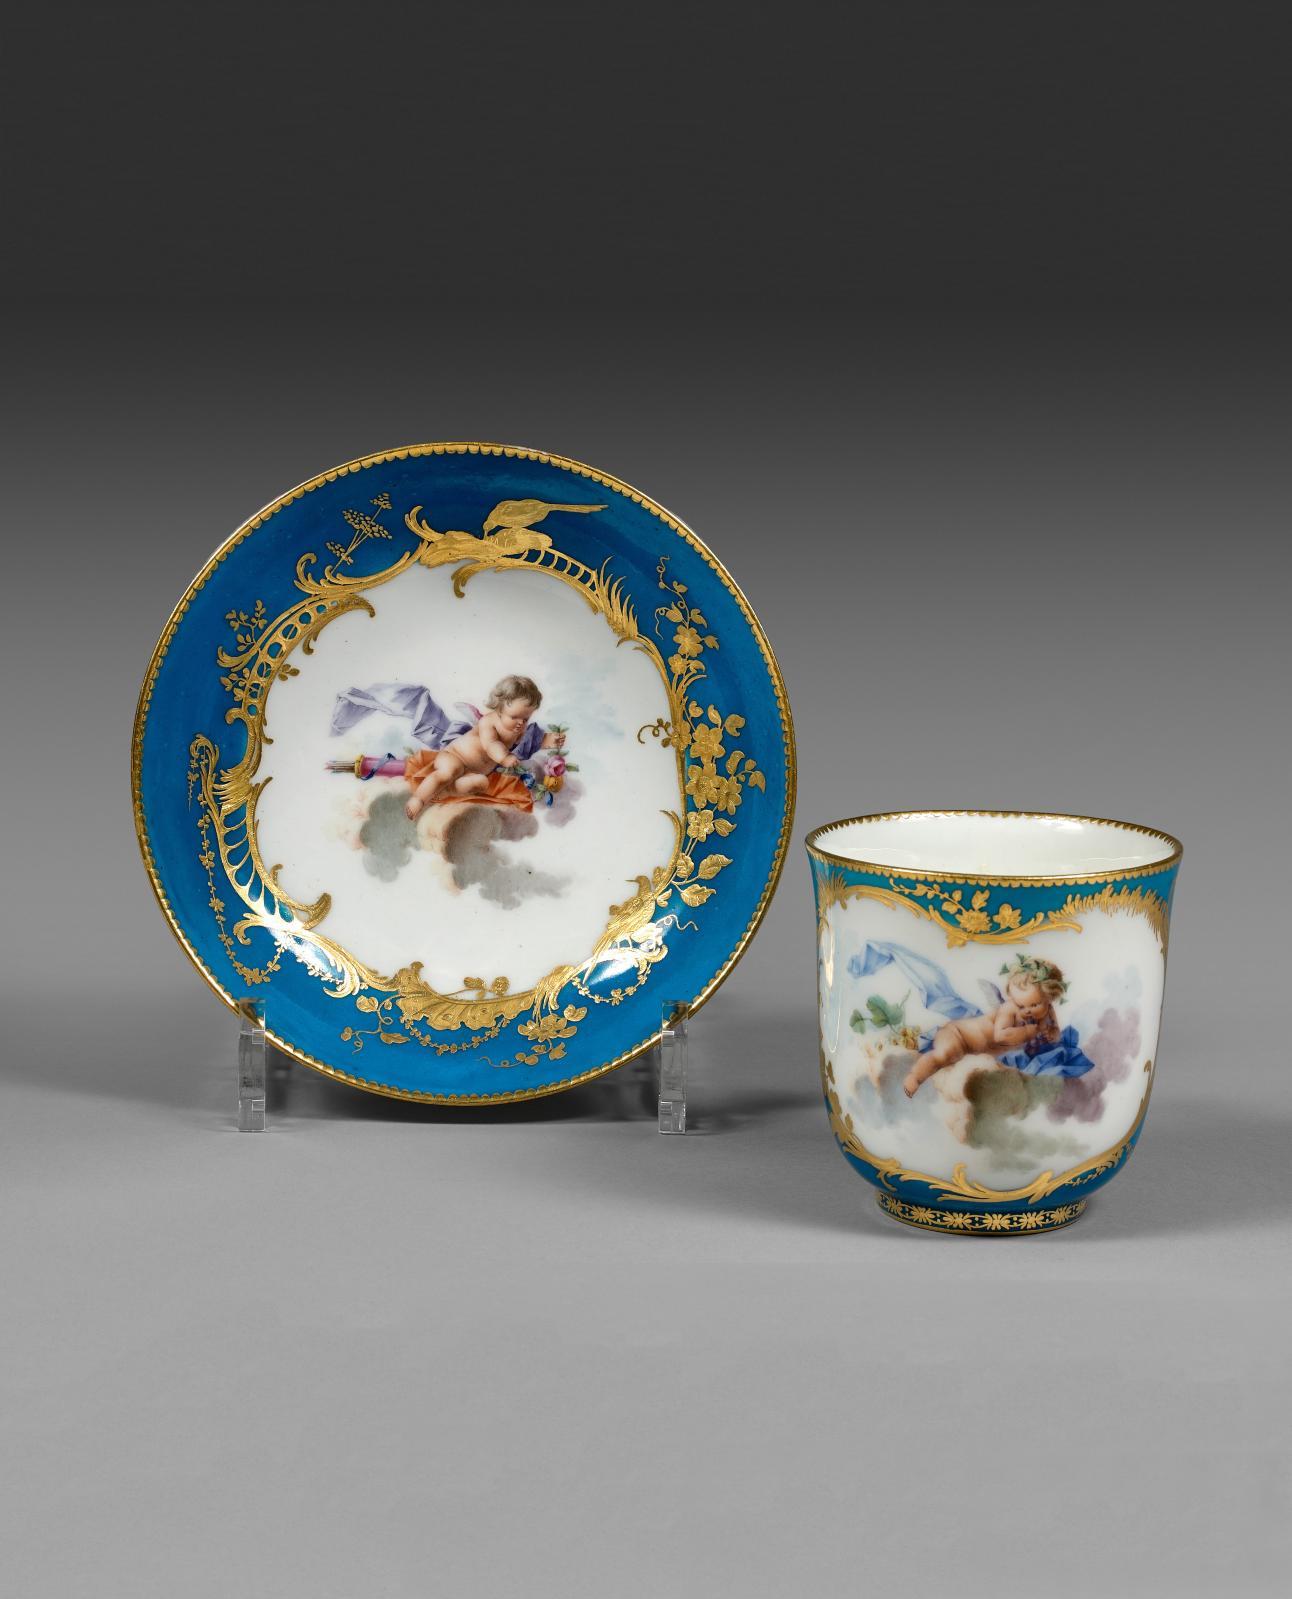 Vincennes, gobelet Calabre et sa soucoupe en porcelaine tendre à décor polychrome d'amours sur des nuages d'après Boucher, XVIIIesiècle, année 1755,